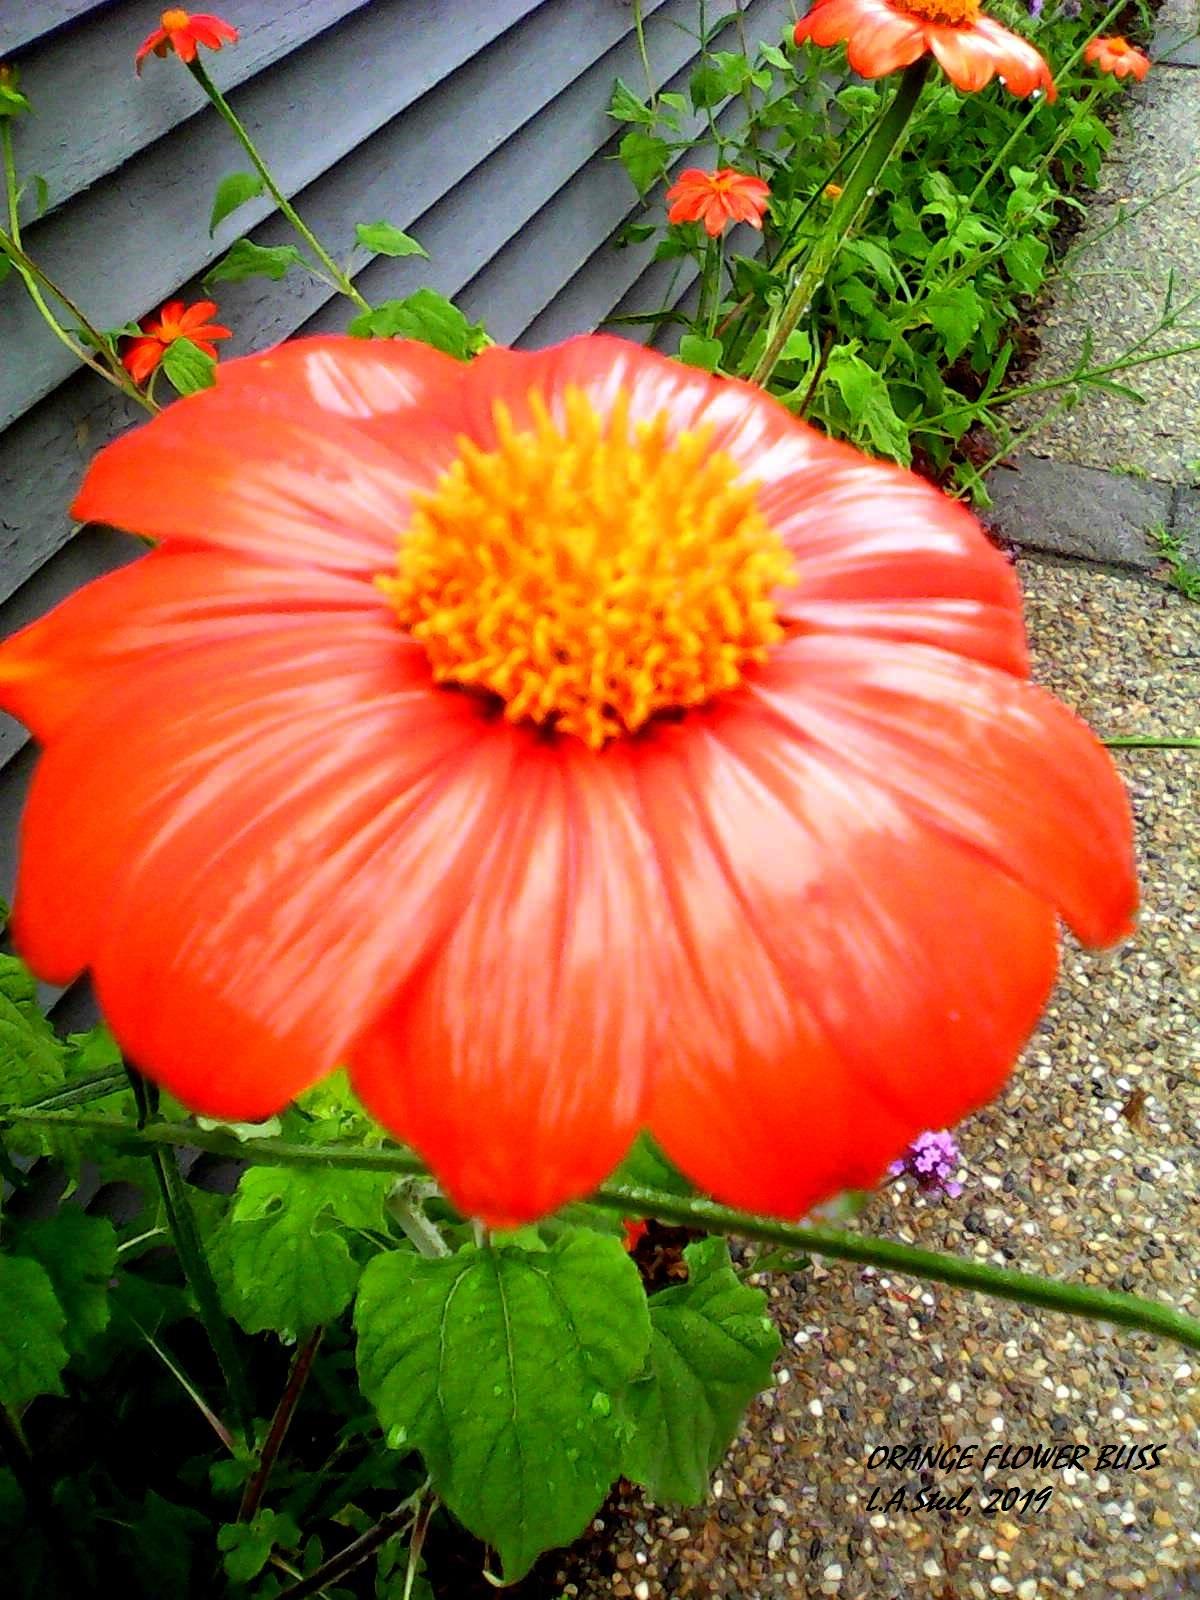 orange flower bliss 2019